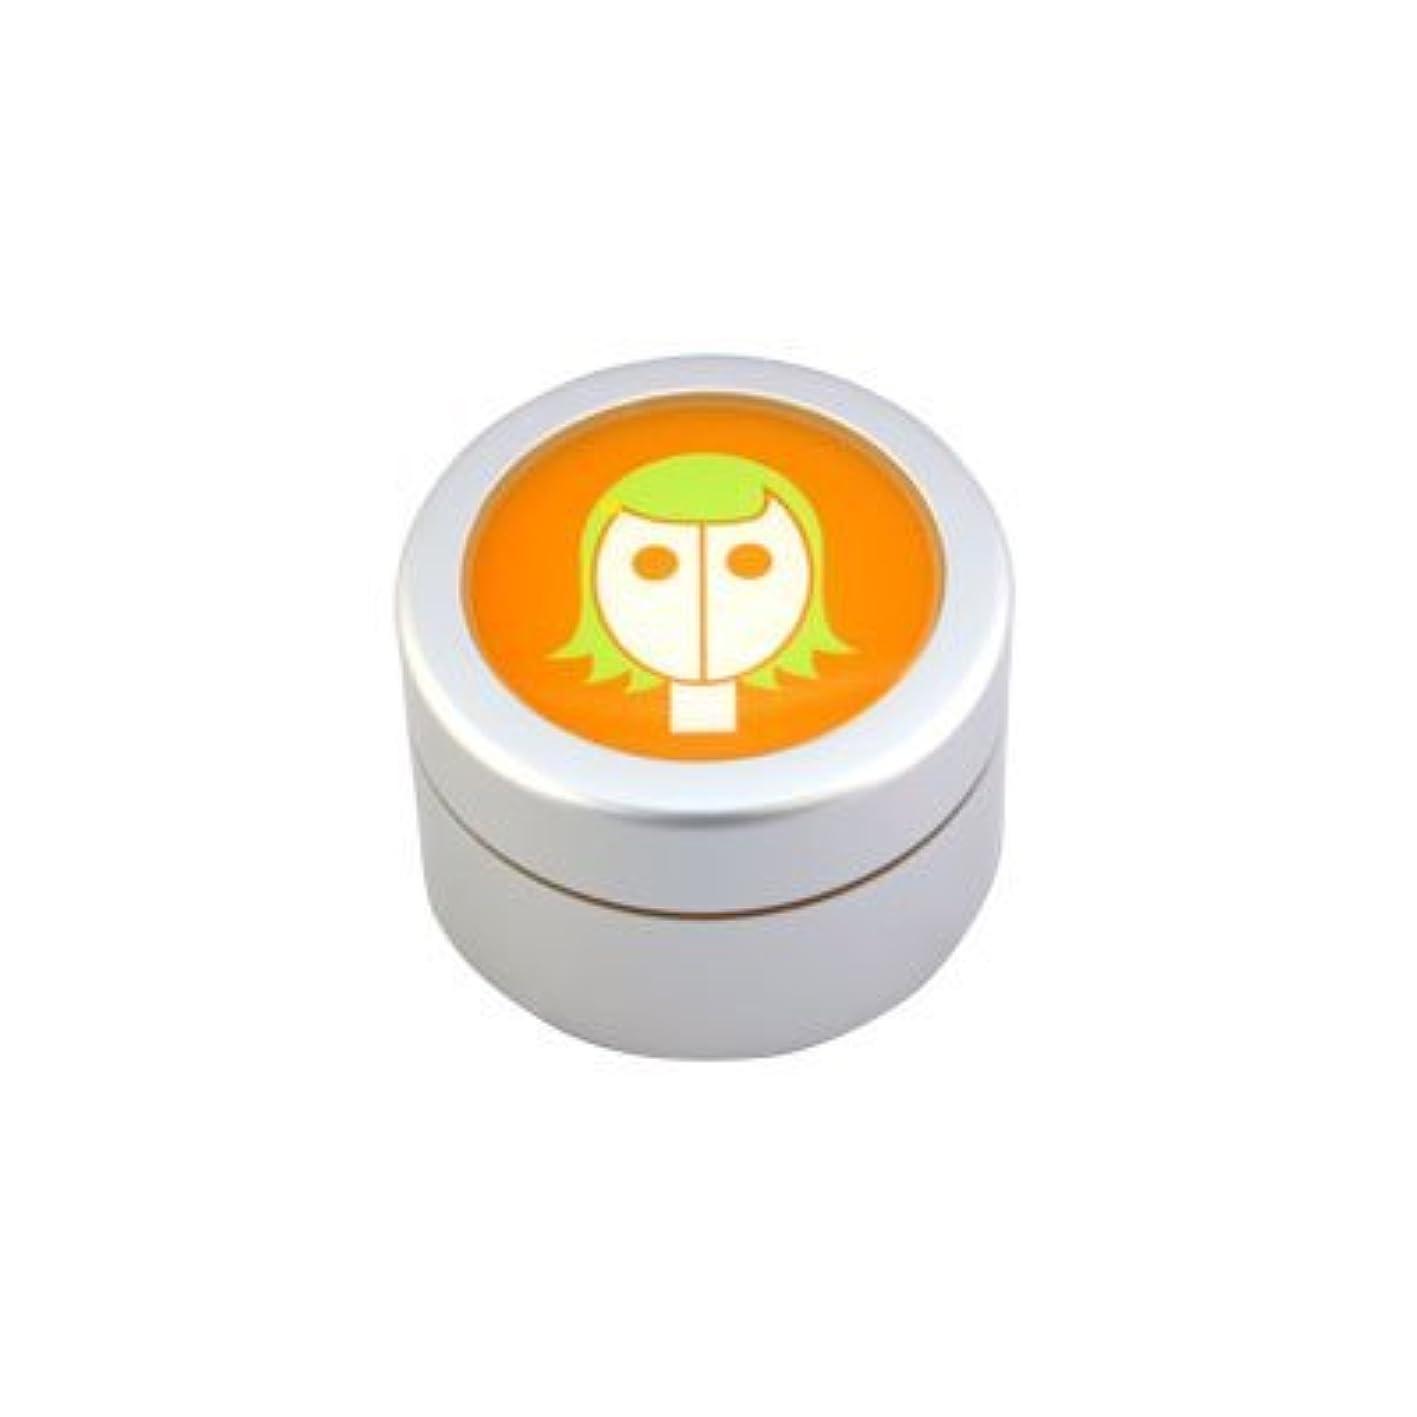 修羅場侵入するヘルメット【アリミノ】スパイスシスターズ ソフトワックス 35g